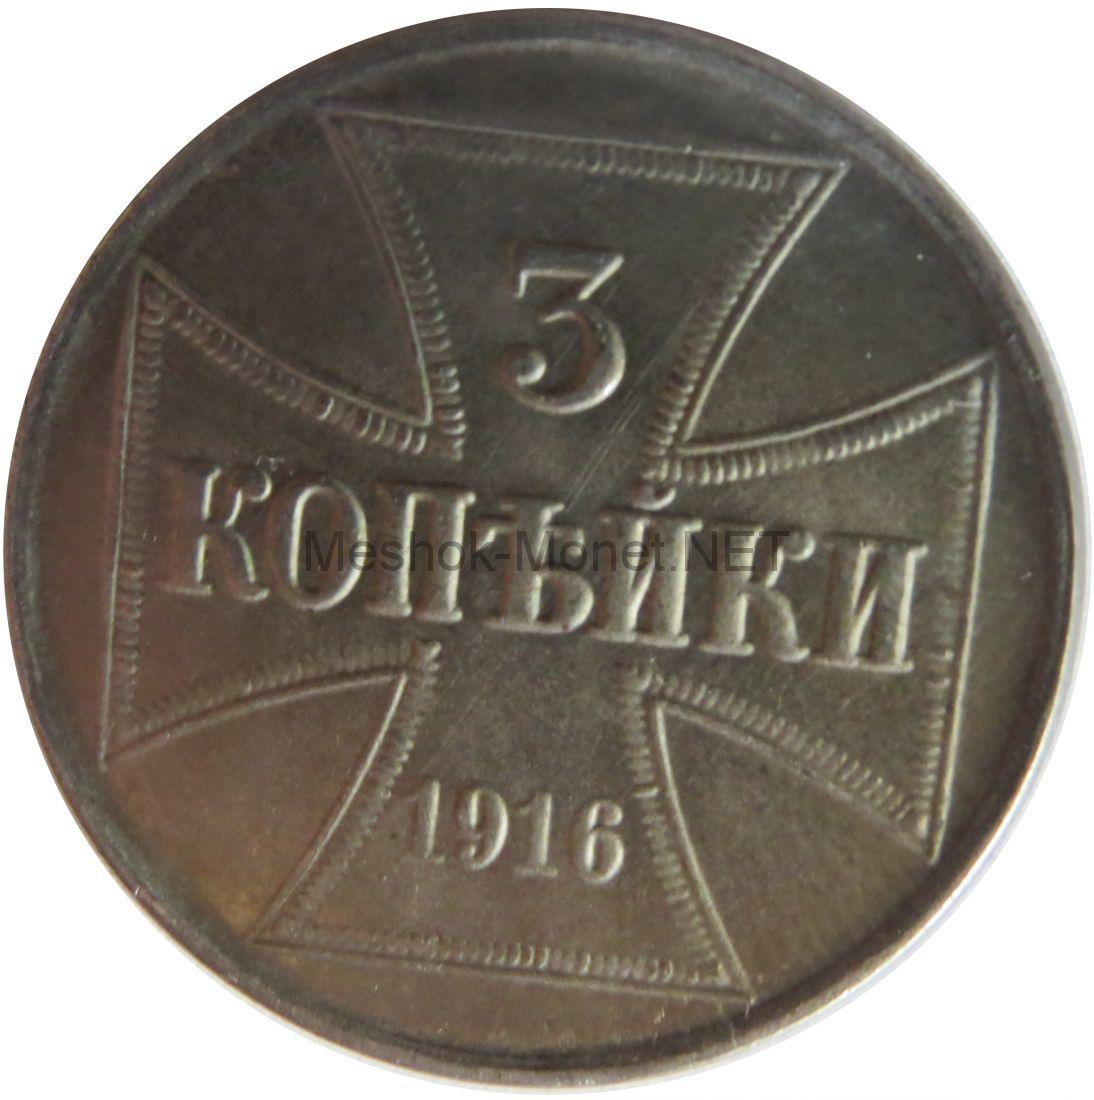 Копия монеты 3 копейки 1916 года А окупация